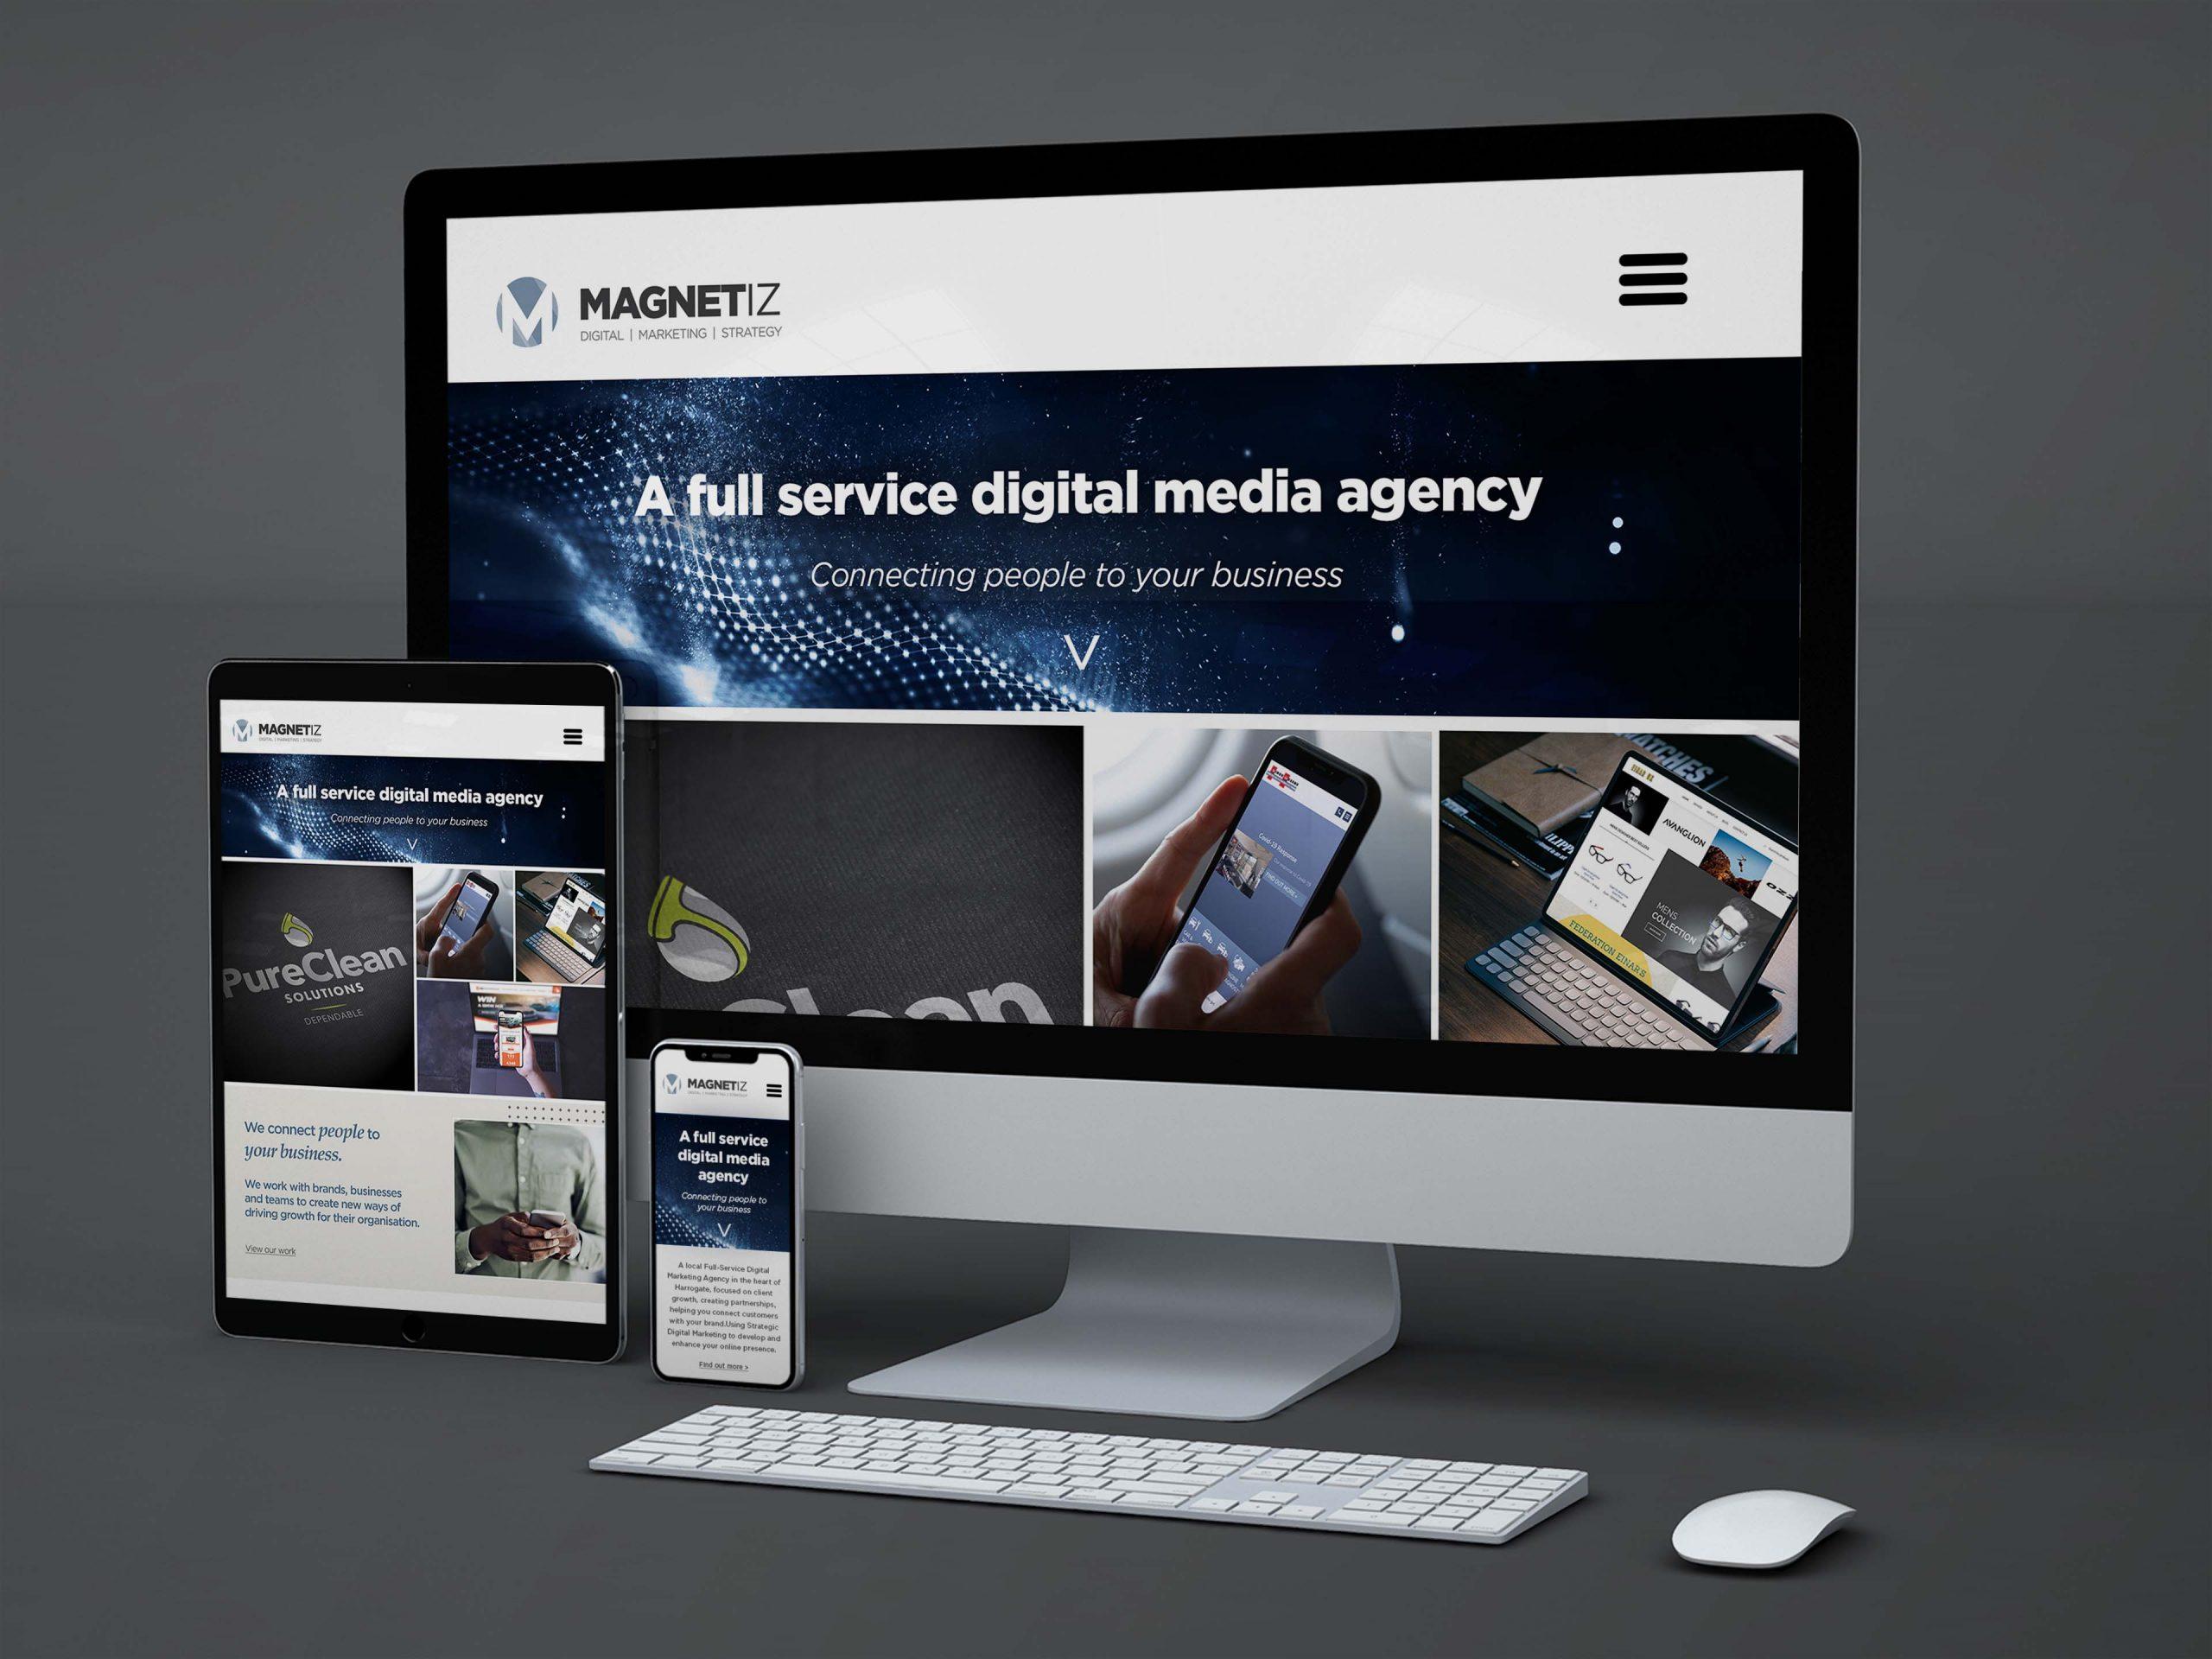 website design Magnetiz harrogate